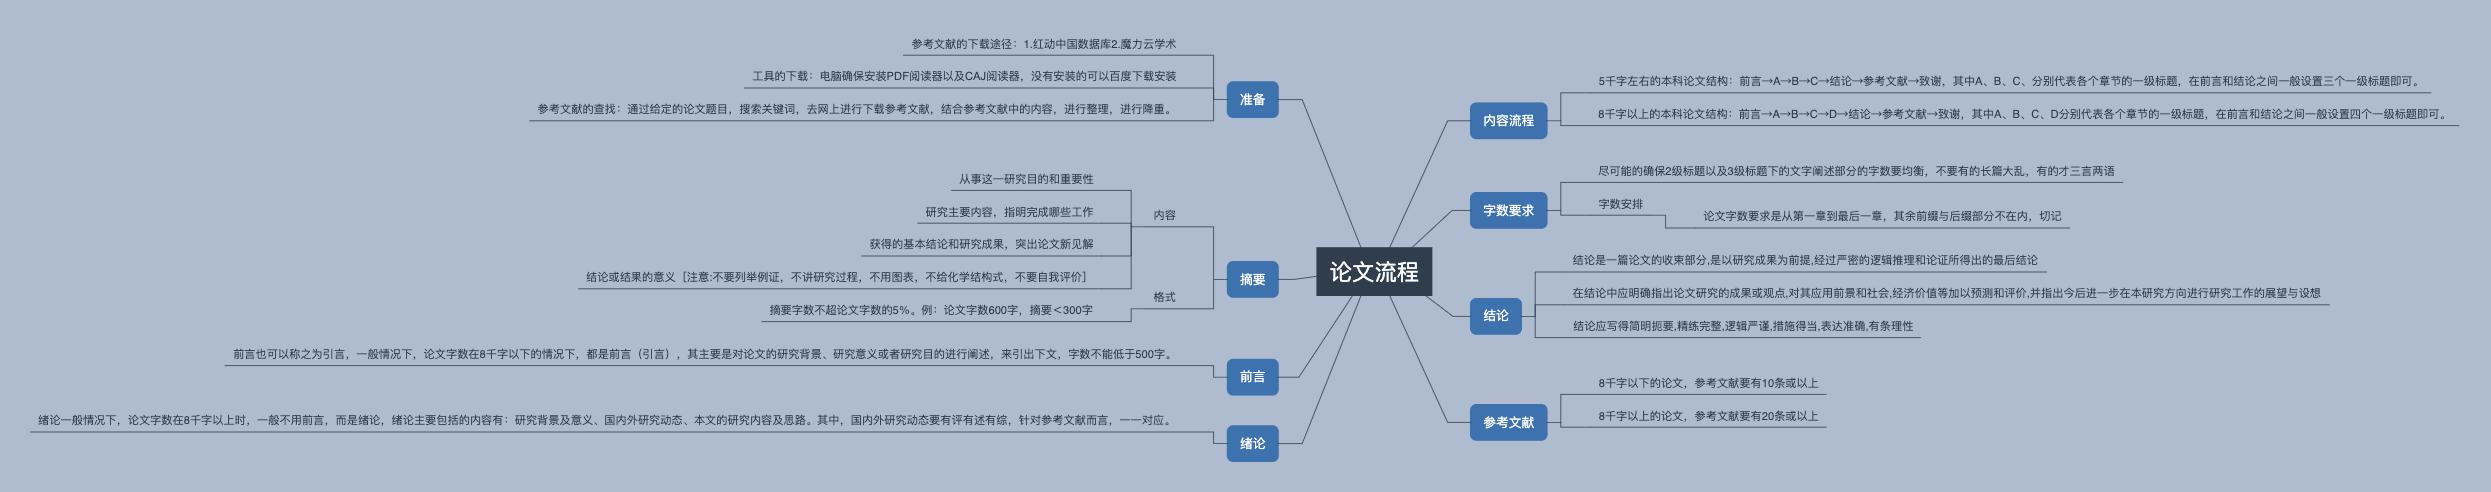 论文流程规范框架